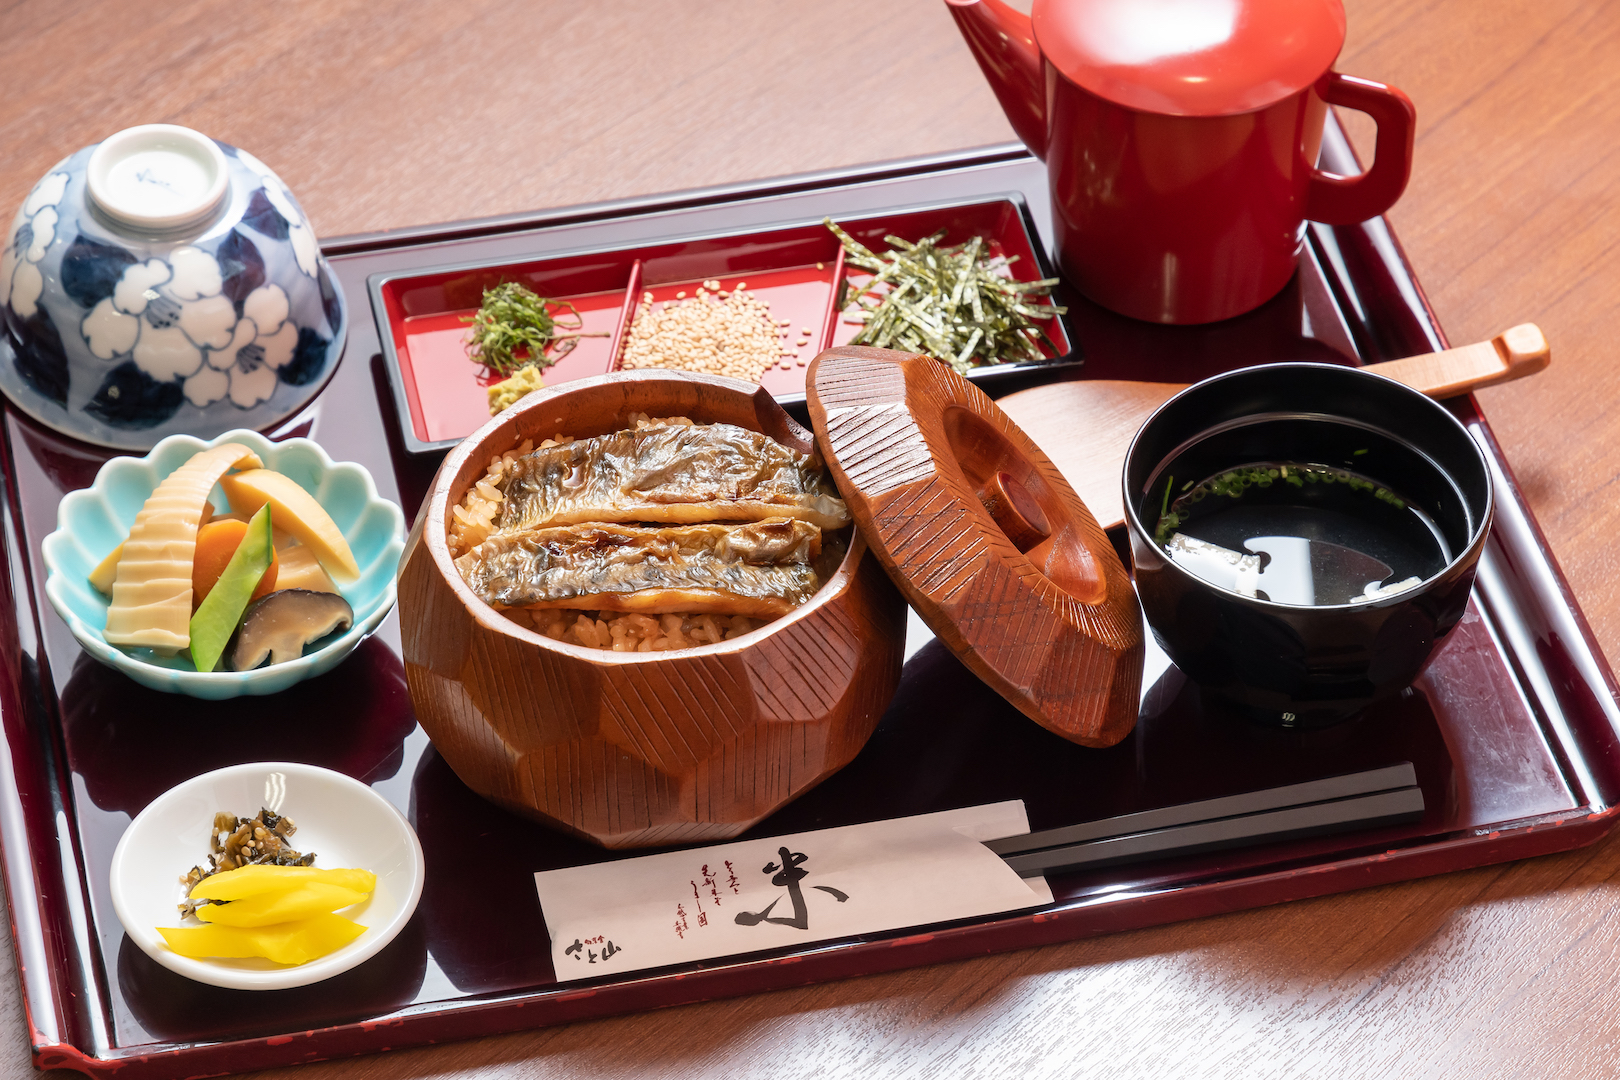 三瀬村で唯一さと山だけが提供している「ヤマメ料理」